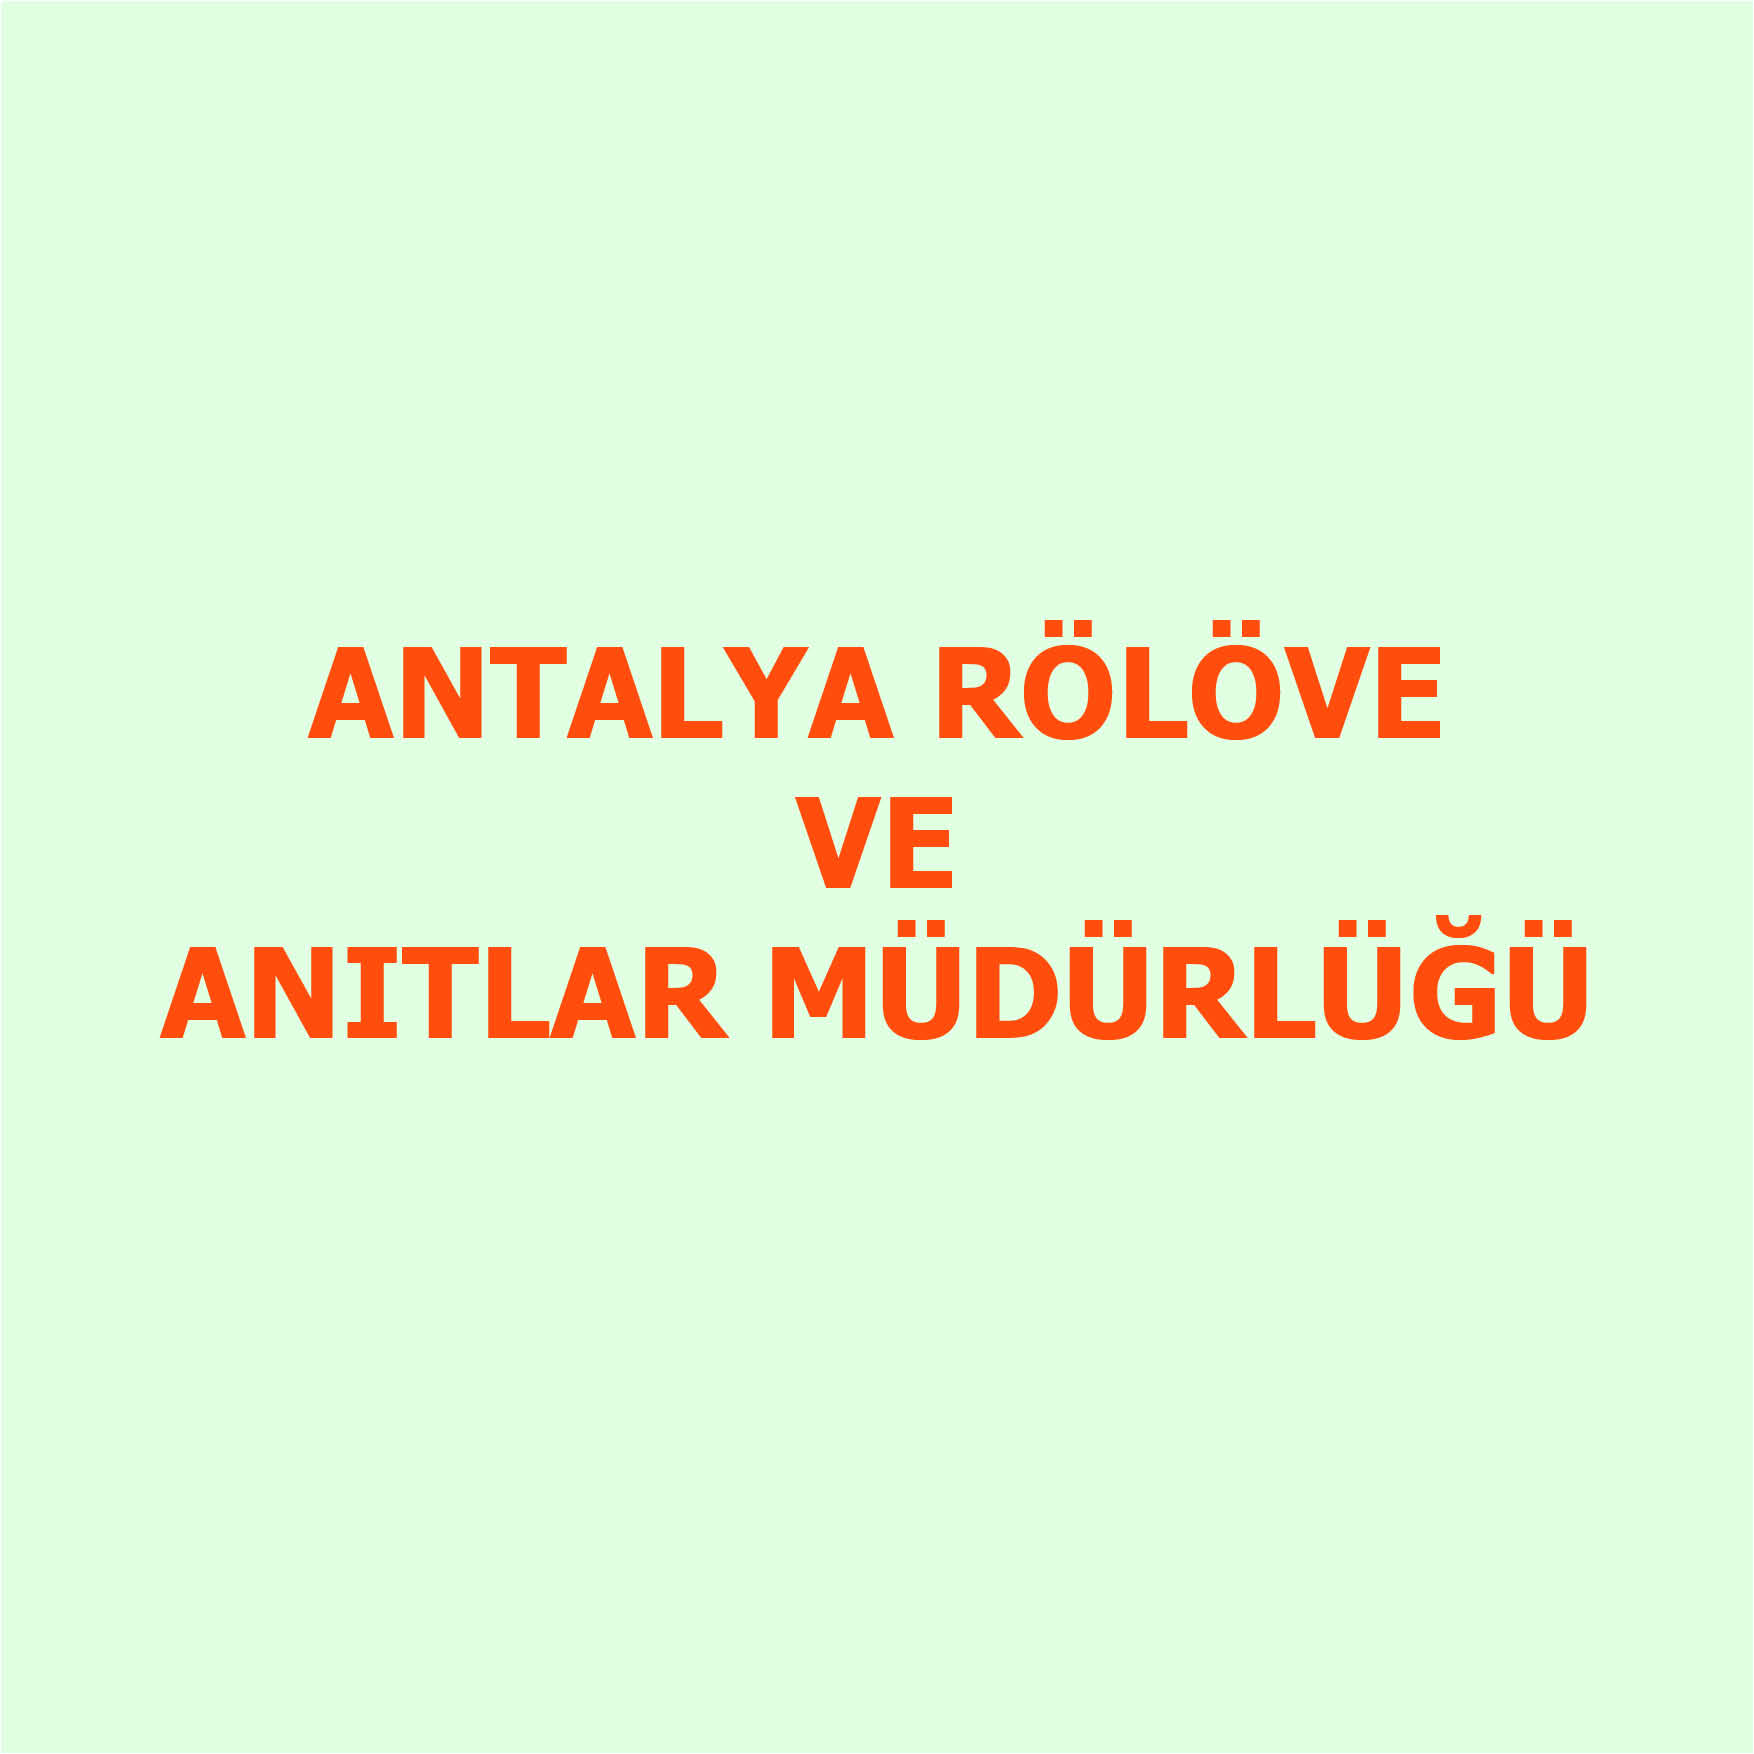 Antalya Rölöve ve Anıtlar Müdürlüğü